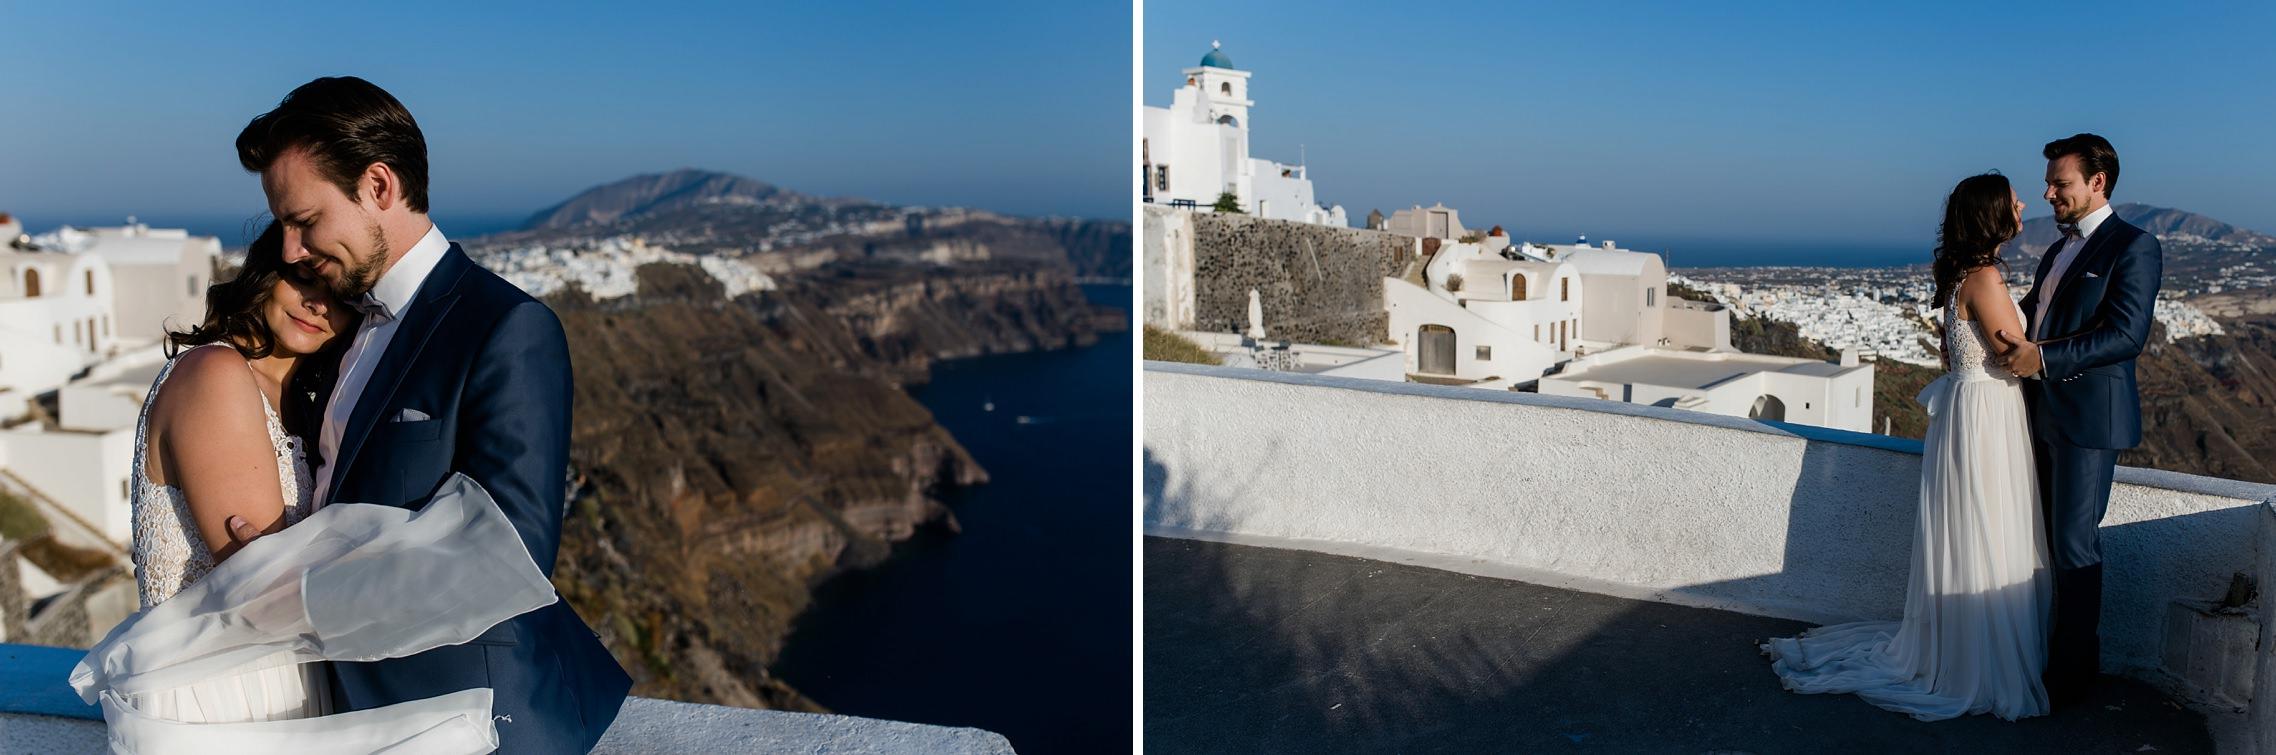 Hochzeitspaar beim After-Wedding-Shooting auf Santorini vor Häuserkulisse.